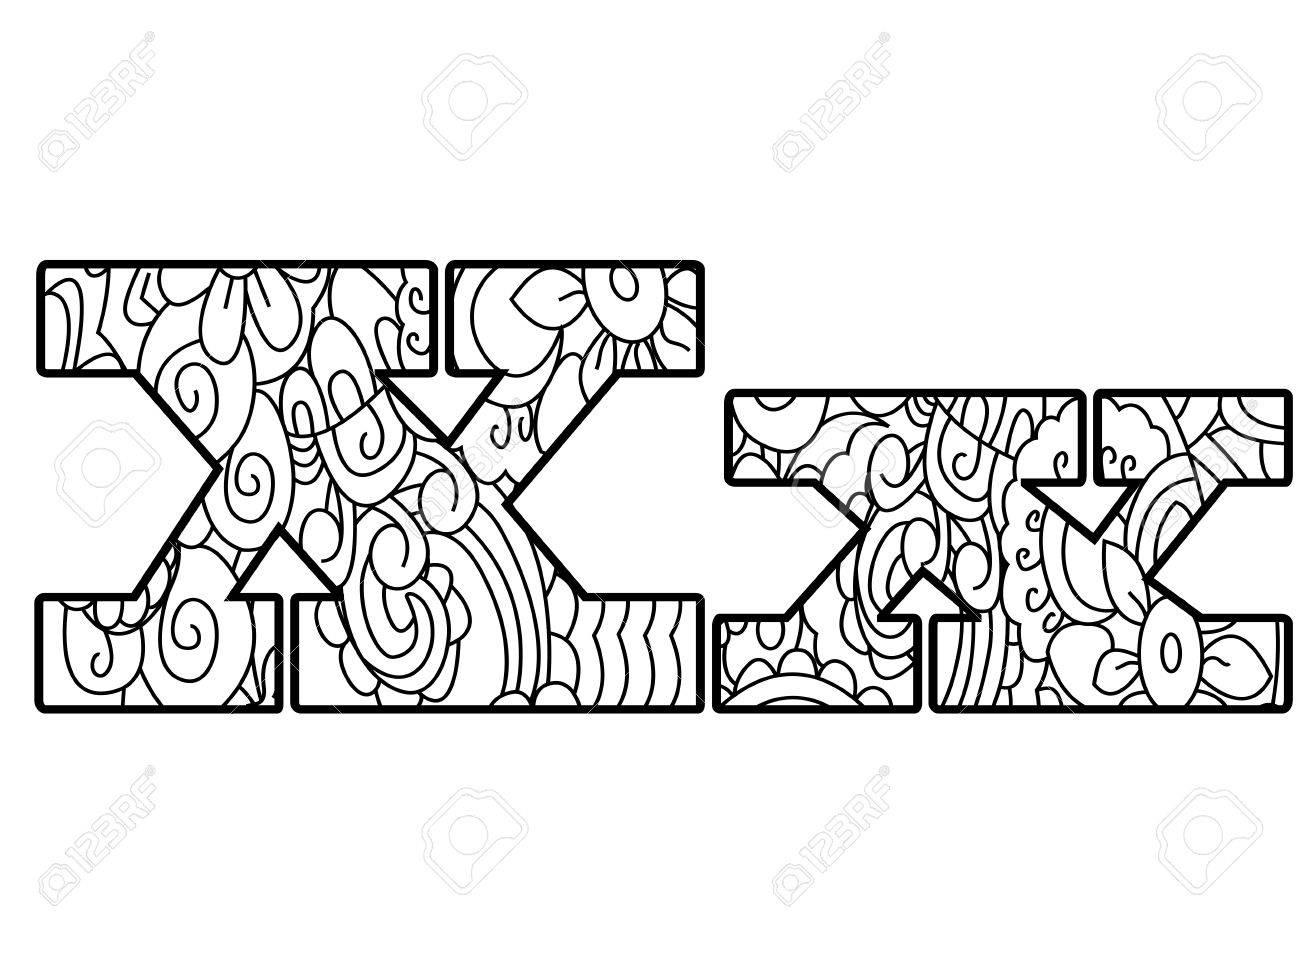 Alfabeto Anti Libro Para Colorear, La Ilustración Vectorial Letra X ...